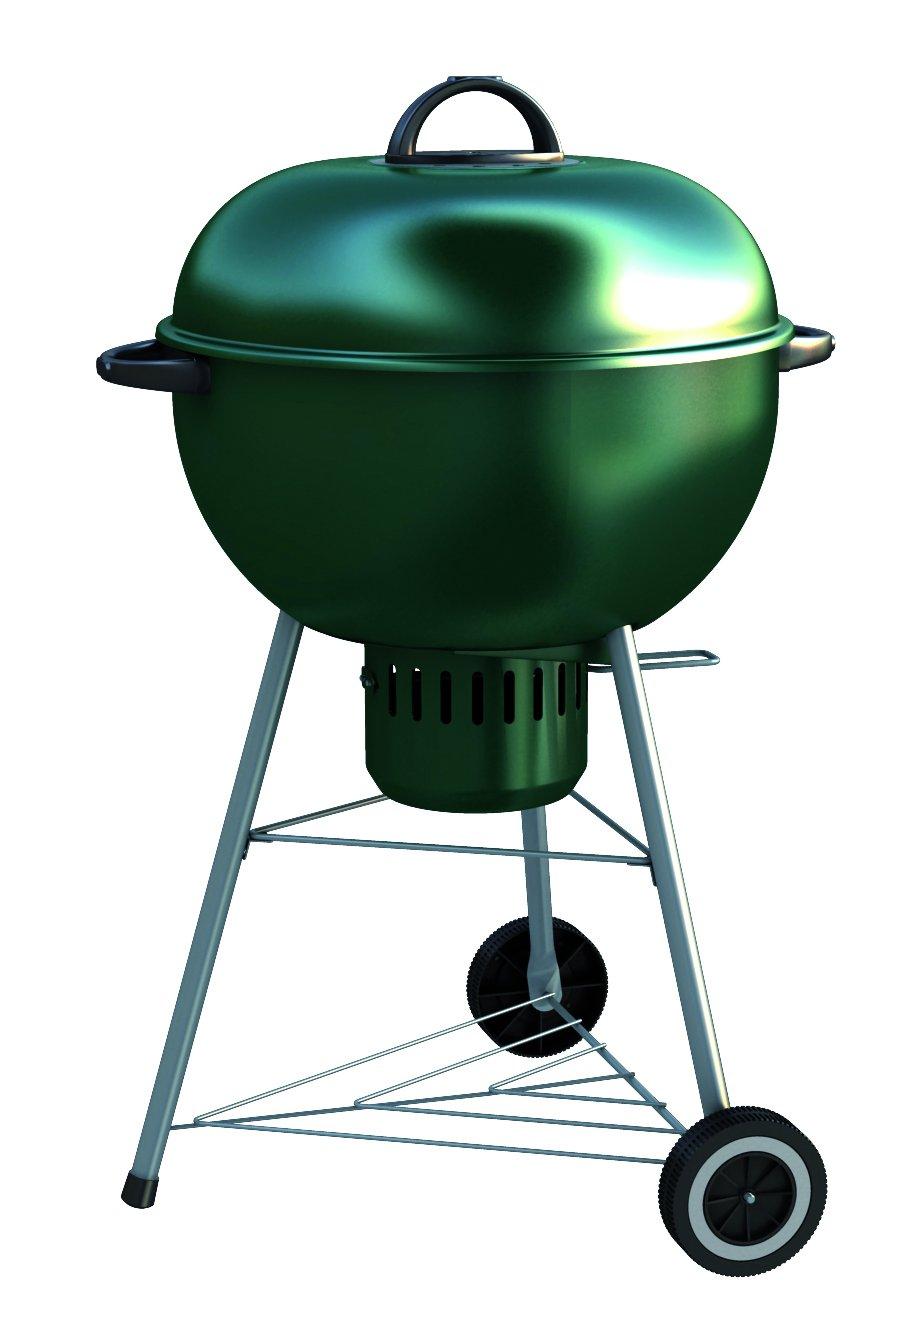 Barbecue affumicatore forno smoker 3in1 Dalvik T765 con termometro